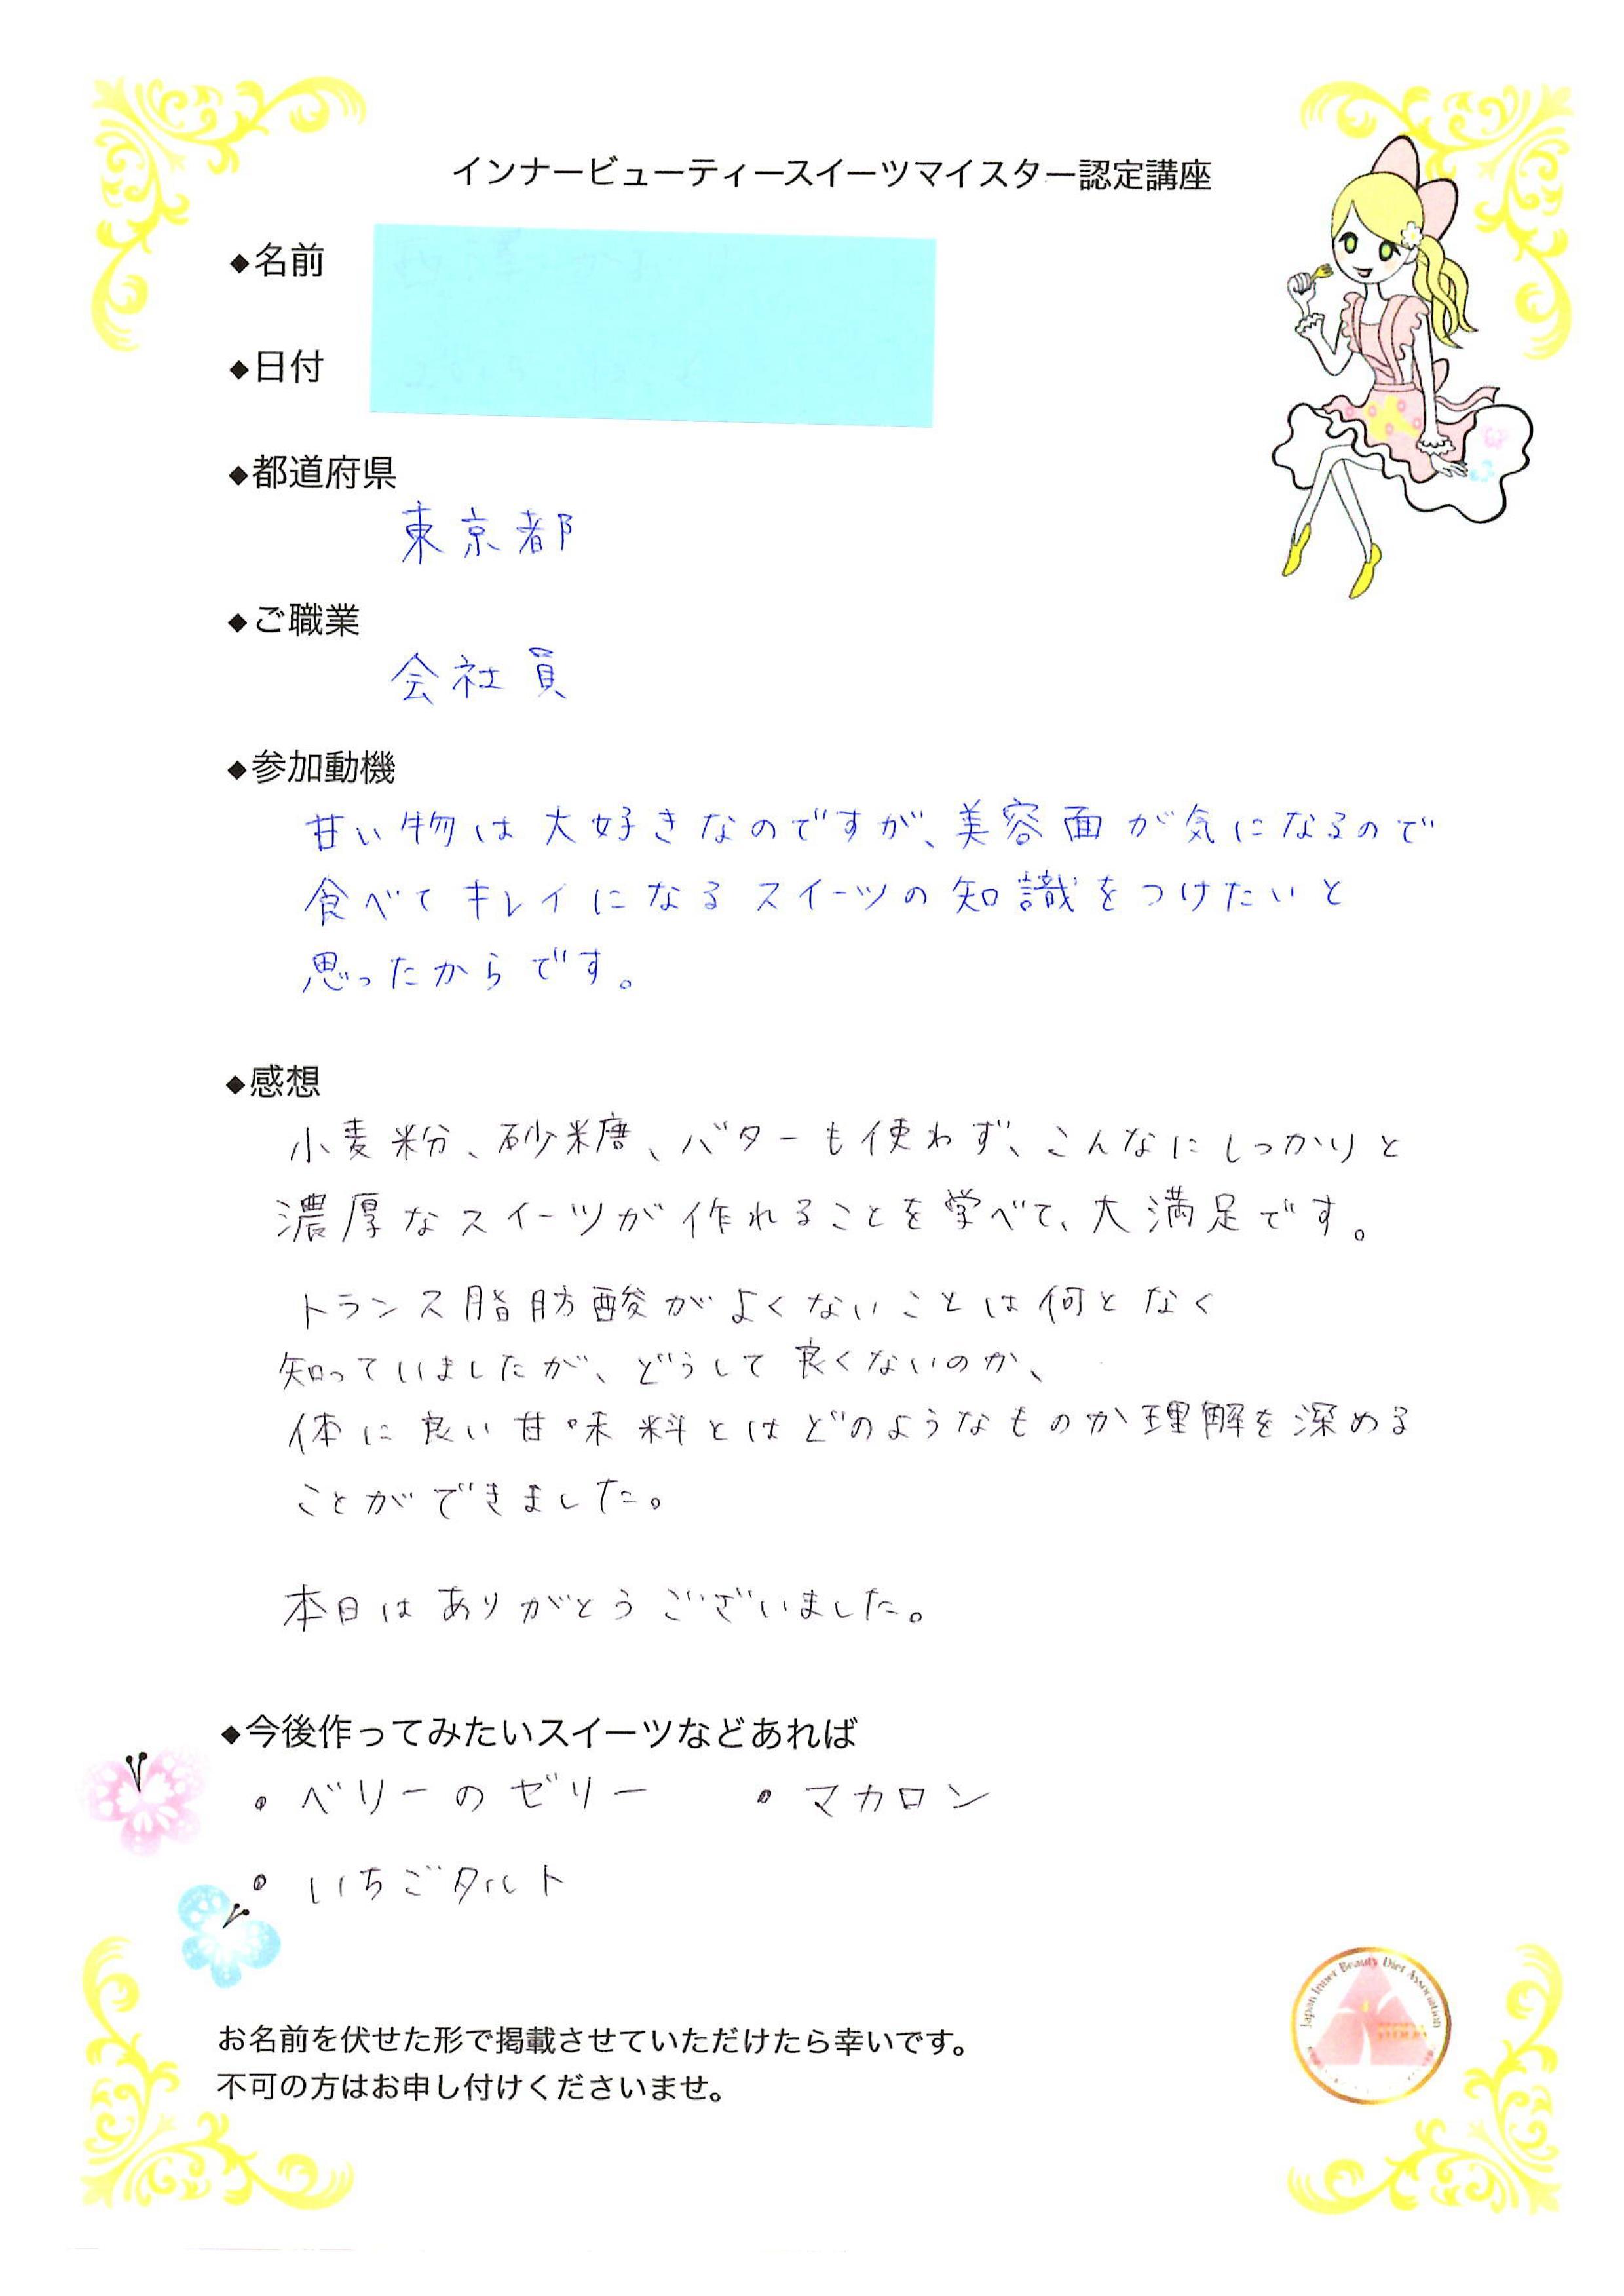 20151206-ibsm5_01